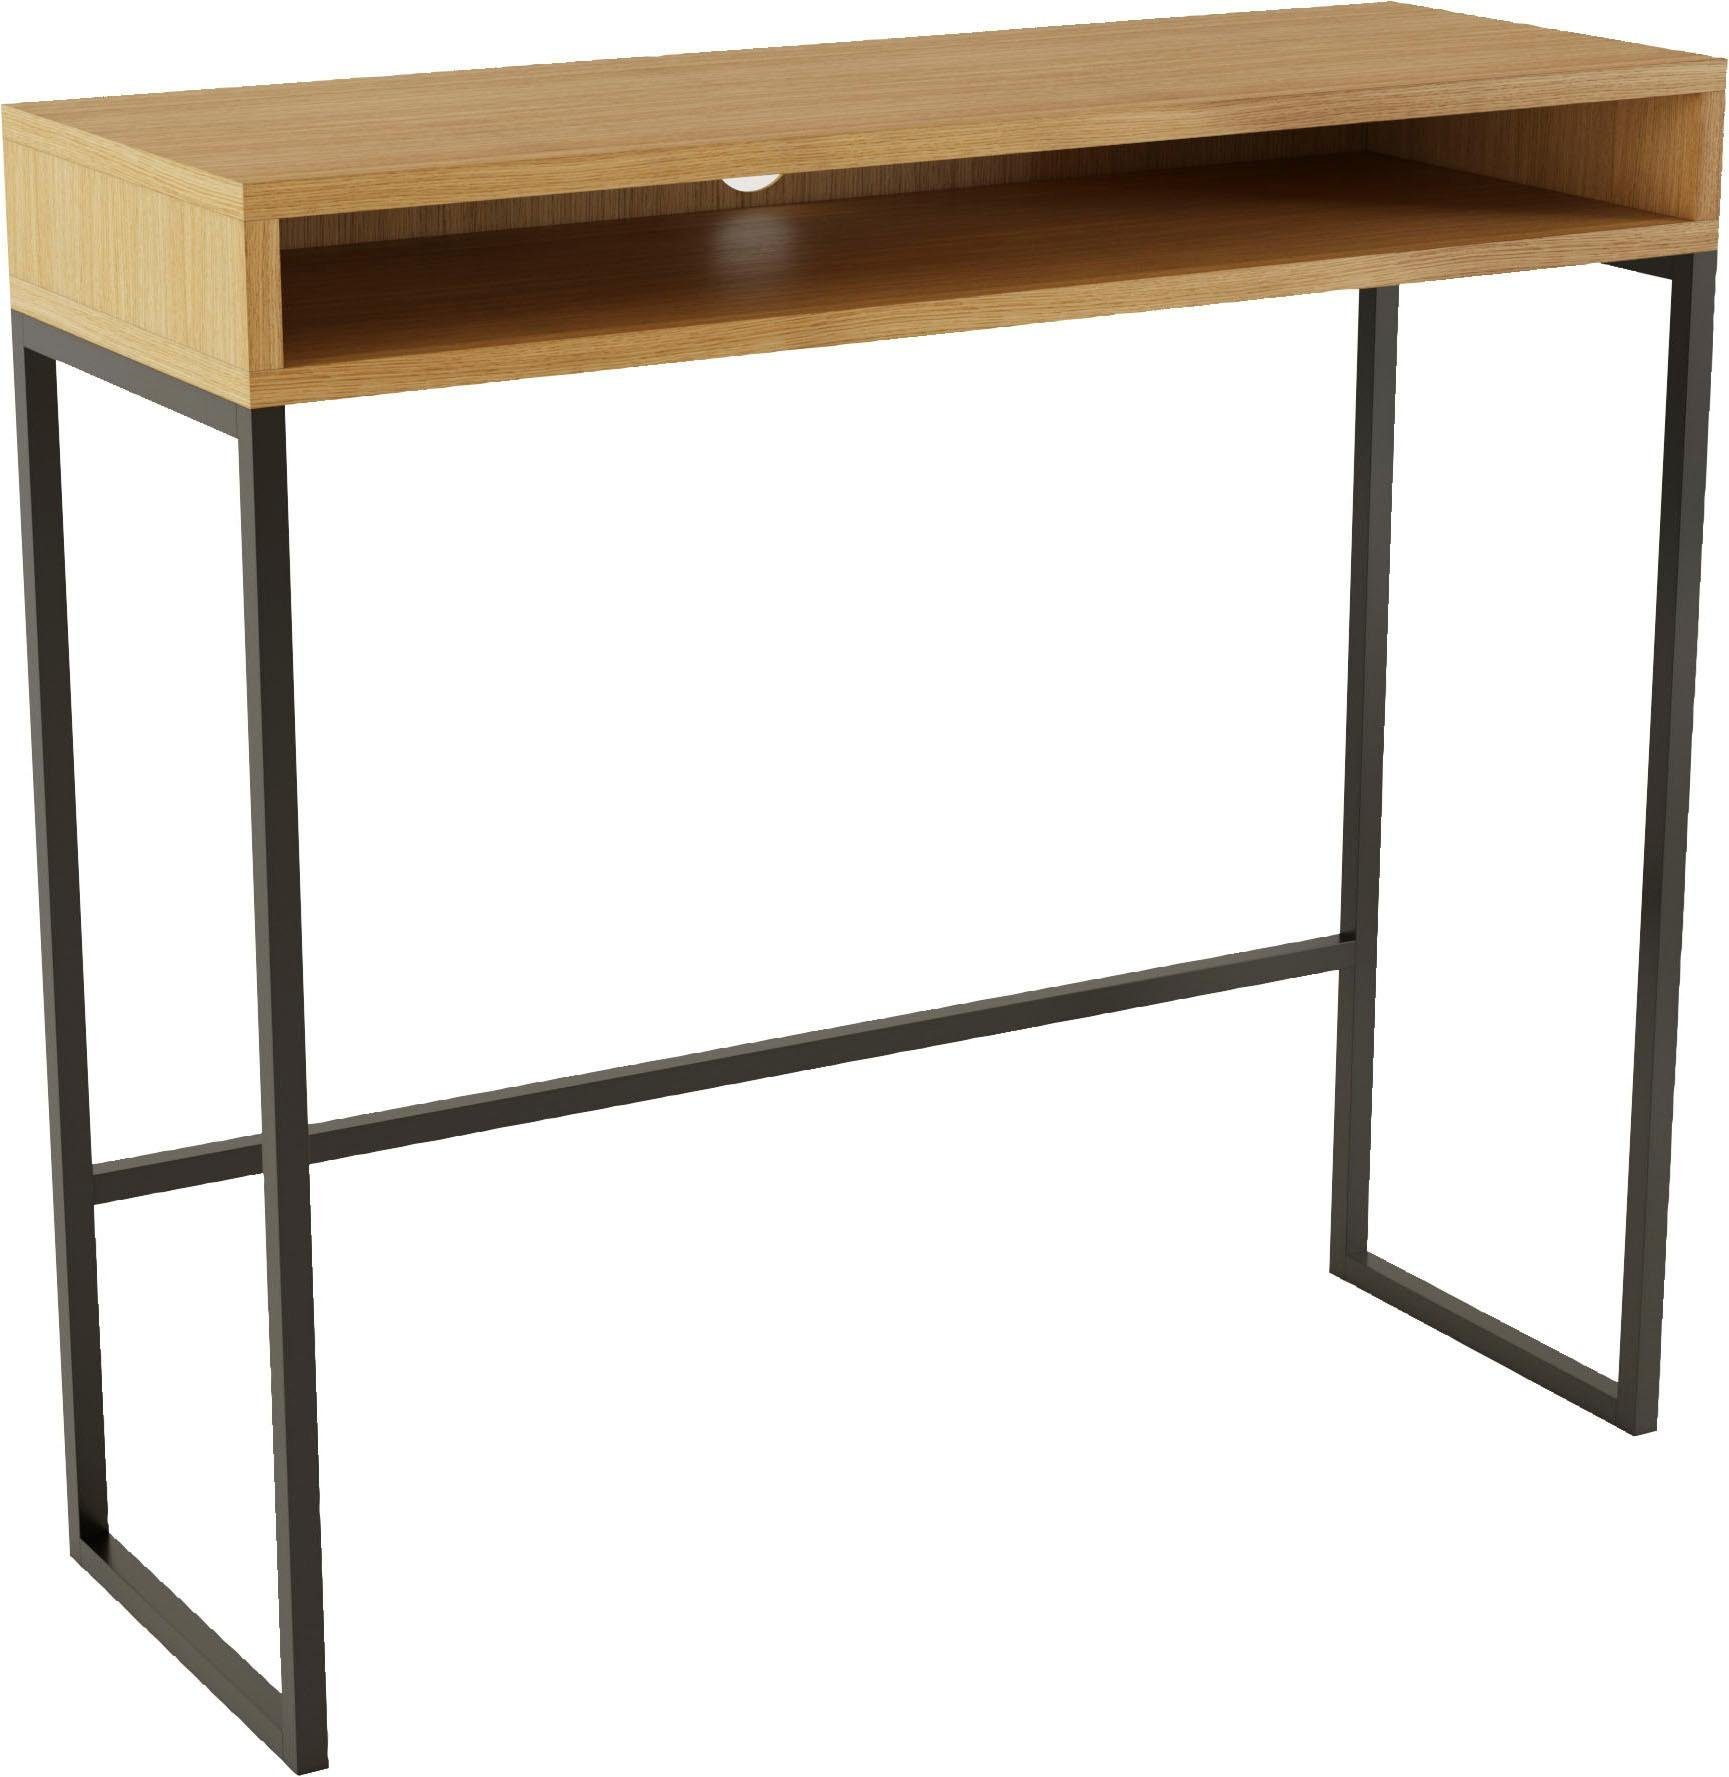 Woodman Schreibtisch »Dominic« im schönen Design